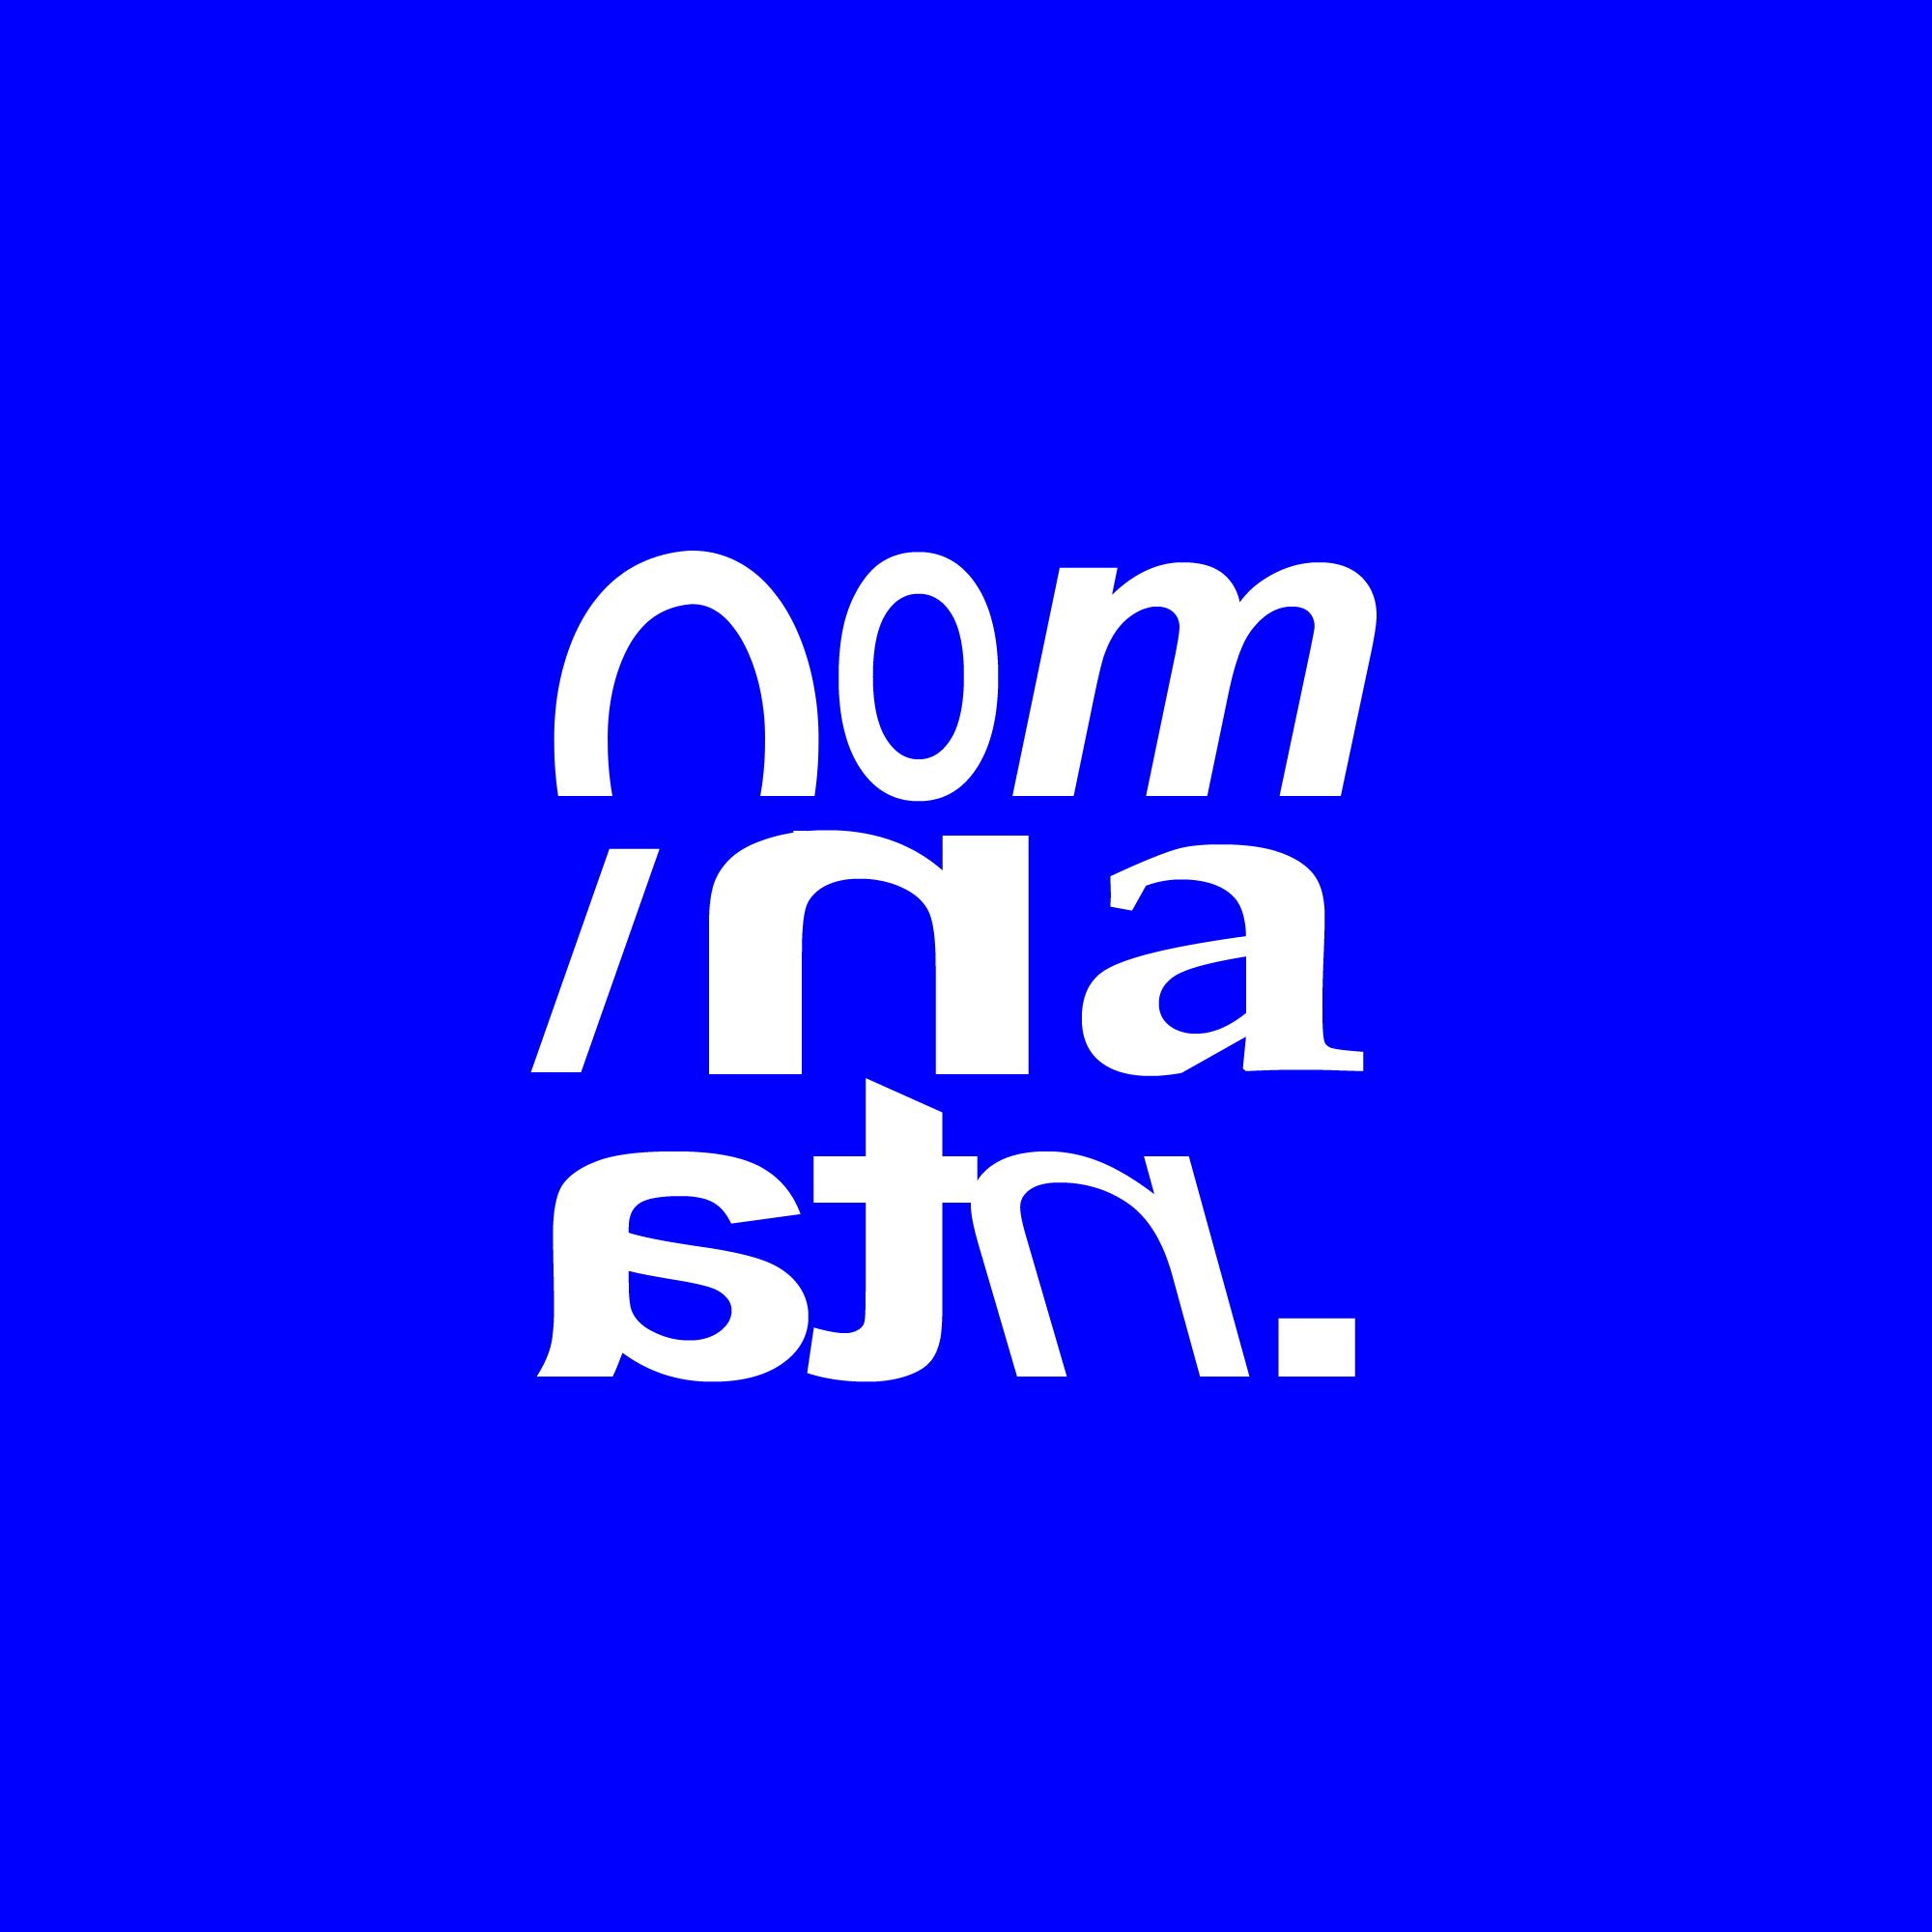 Разработать логотип для КБ по разработке электроники фото f_3715e3edd9311294.png